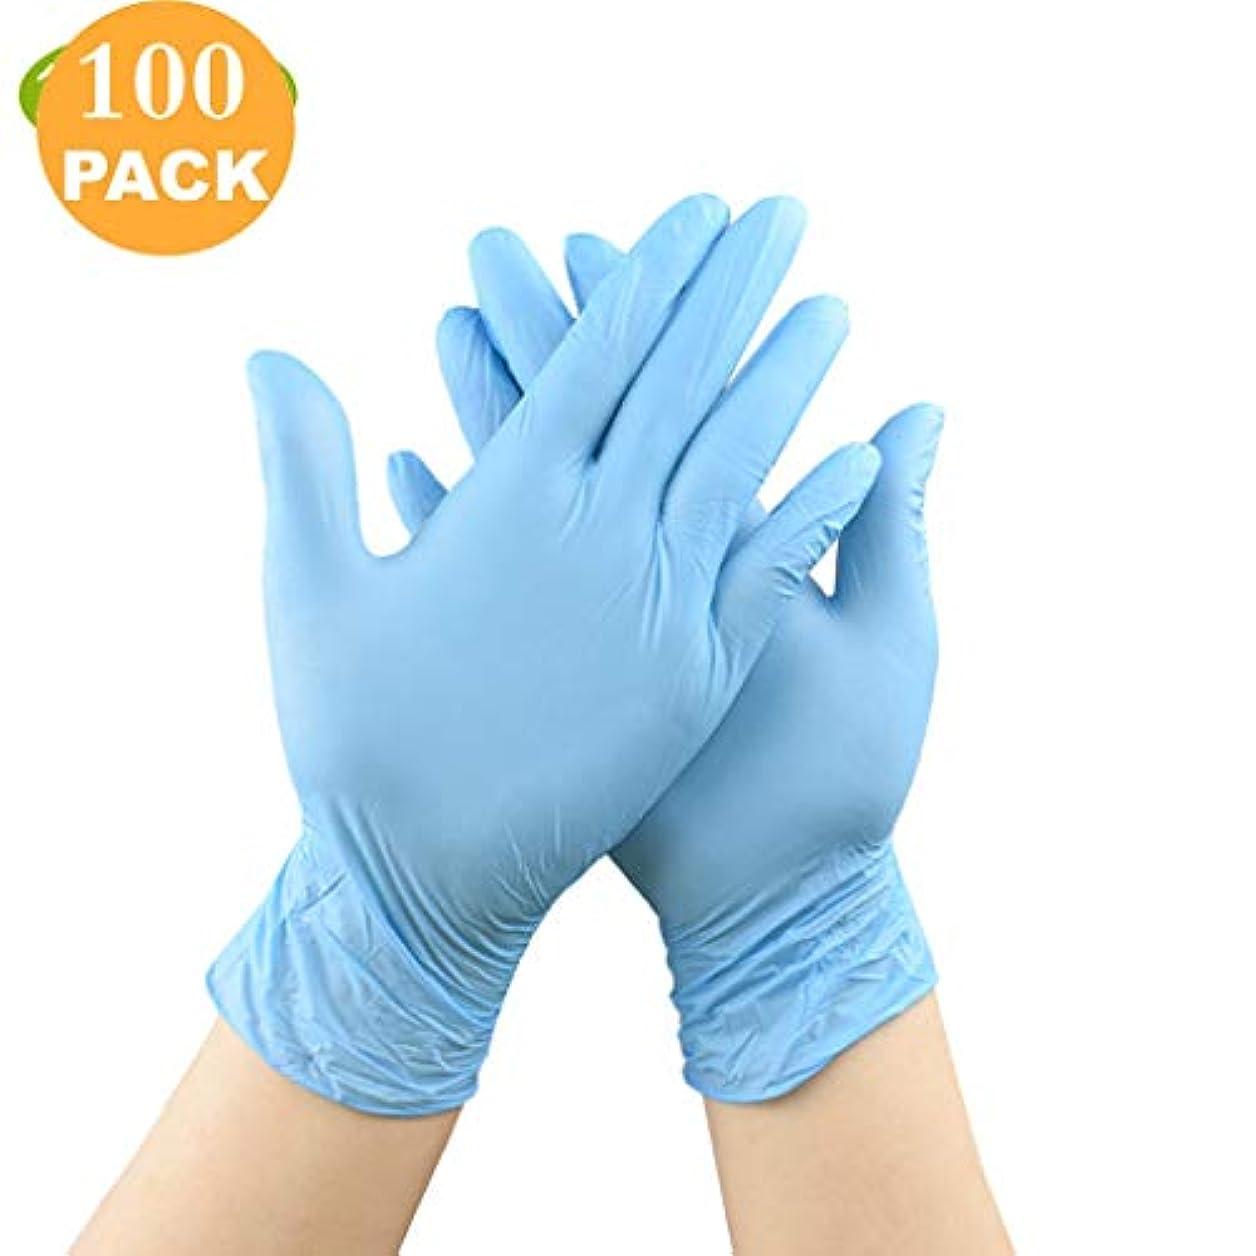 有毒抜け目のないマサッチョニトリル使い捨てケータリングケータリング家事保護の食品用ゴム手袋ゴム手袋耐性-100パーボックス (Color : Blue, Size : L)